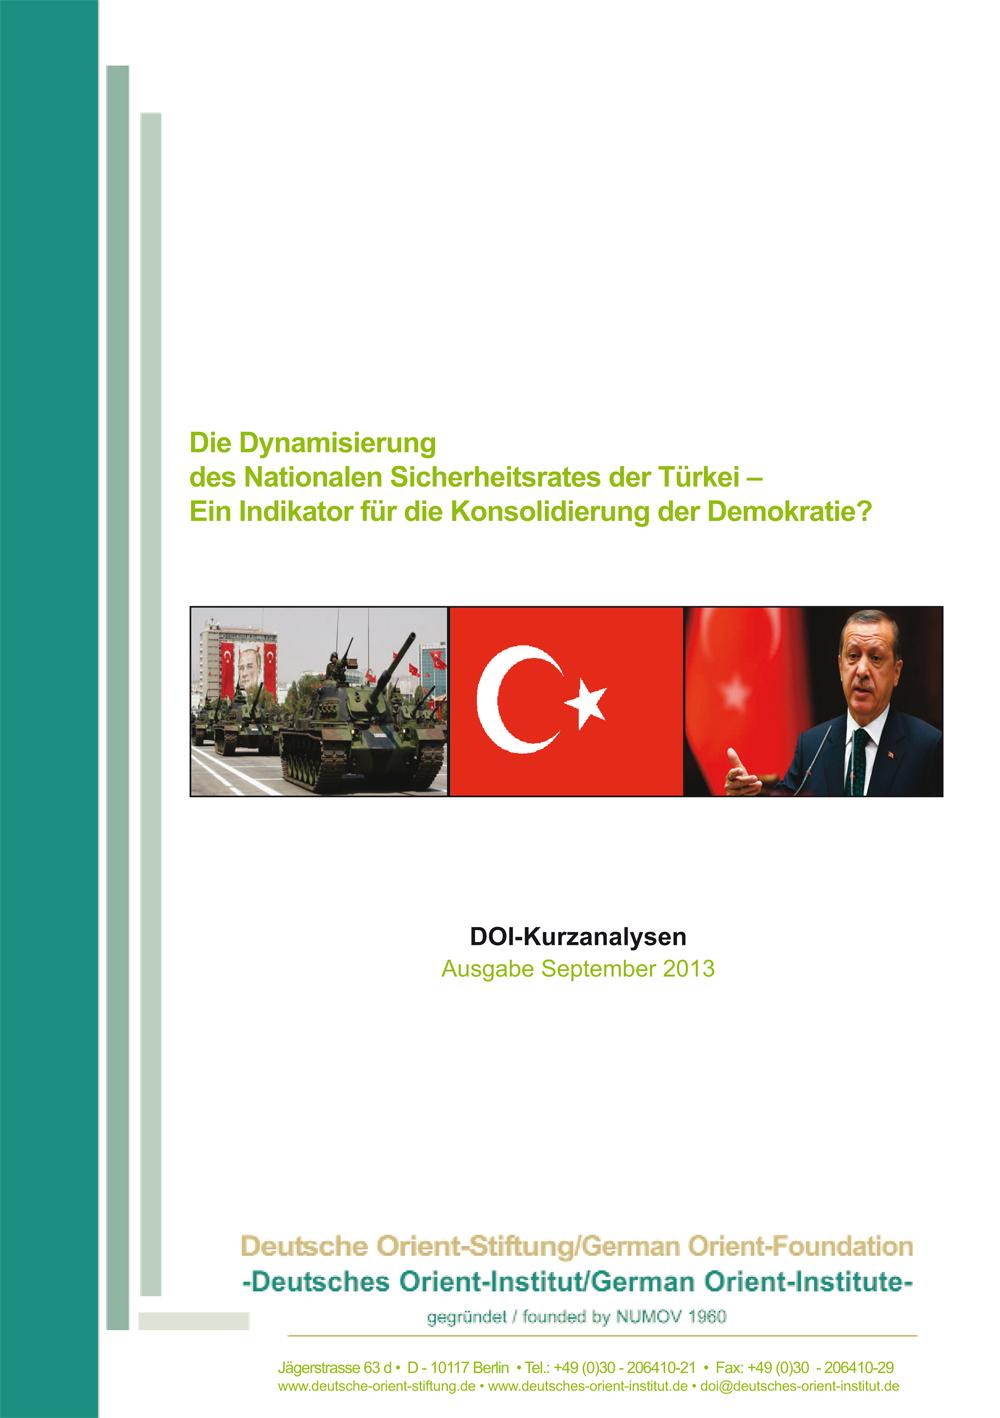 """Featured image for """"Die Dynamisierung des Nationalen Sicherheitsrates der Türkei: Ein Indikator für die Konsolidierung der Demokratie?"""""""